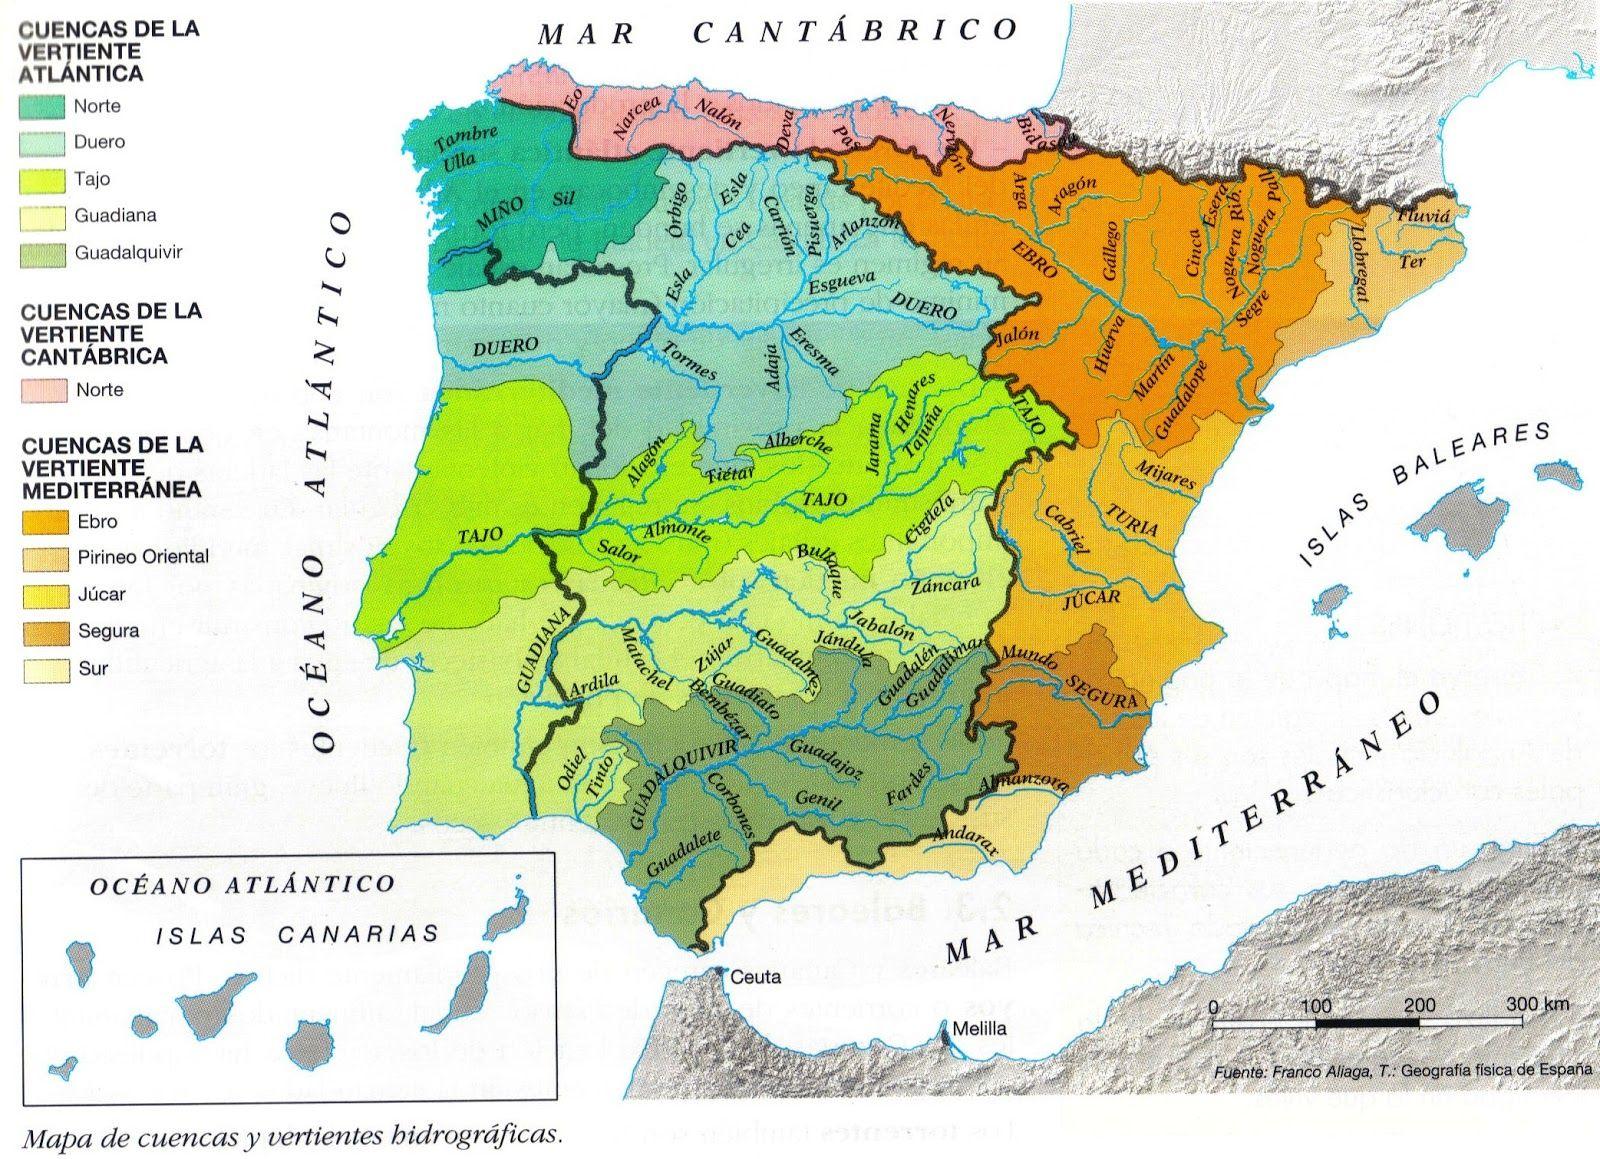 Vertientes Mapa Hidrografico De España.El Territorio Espanol Esta Banado Por Tres Cuencas O